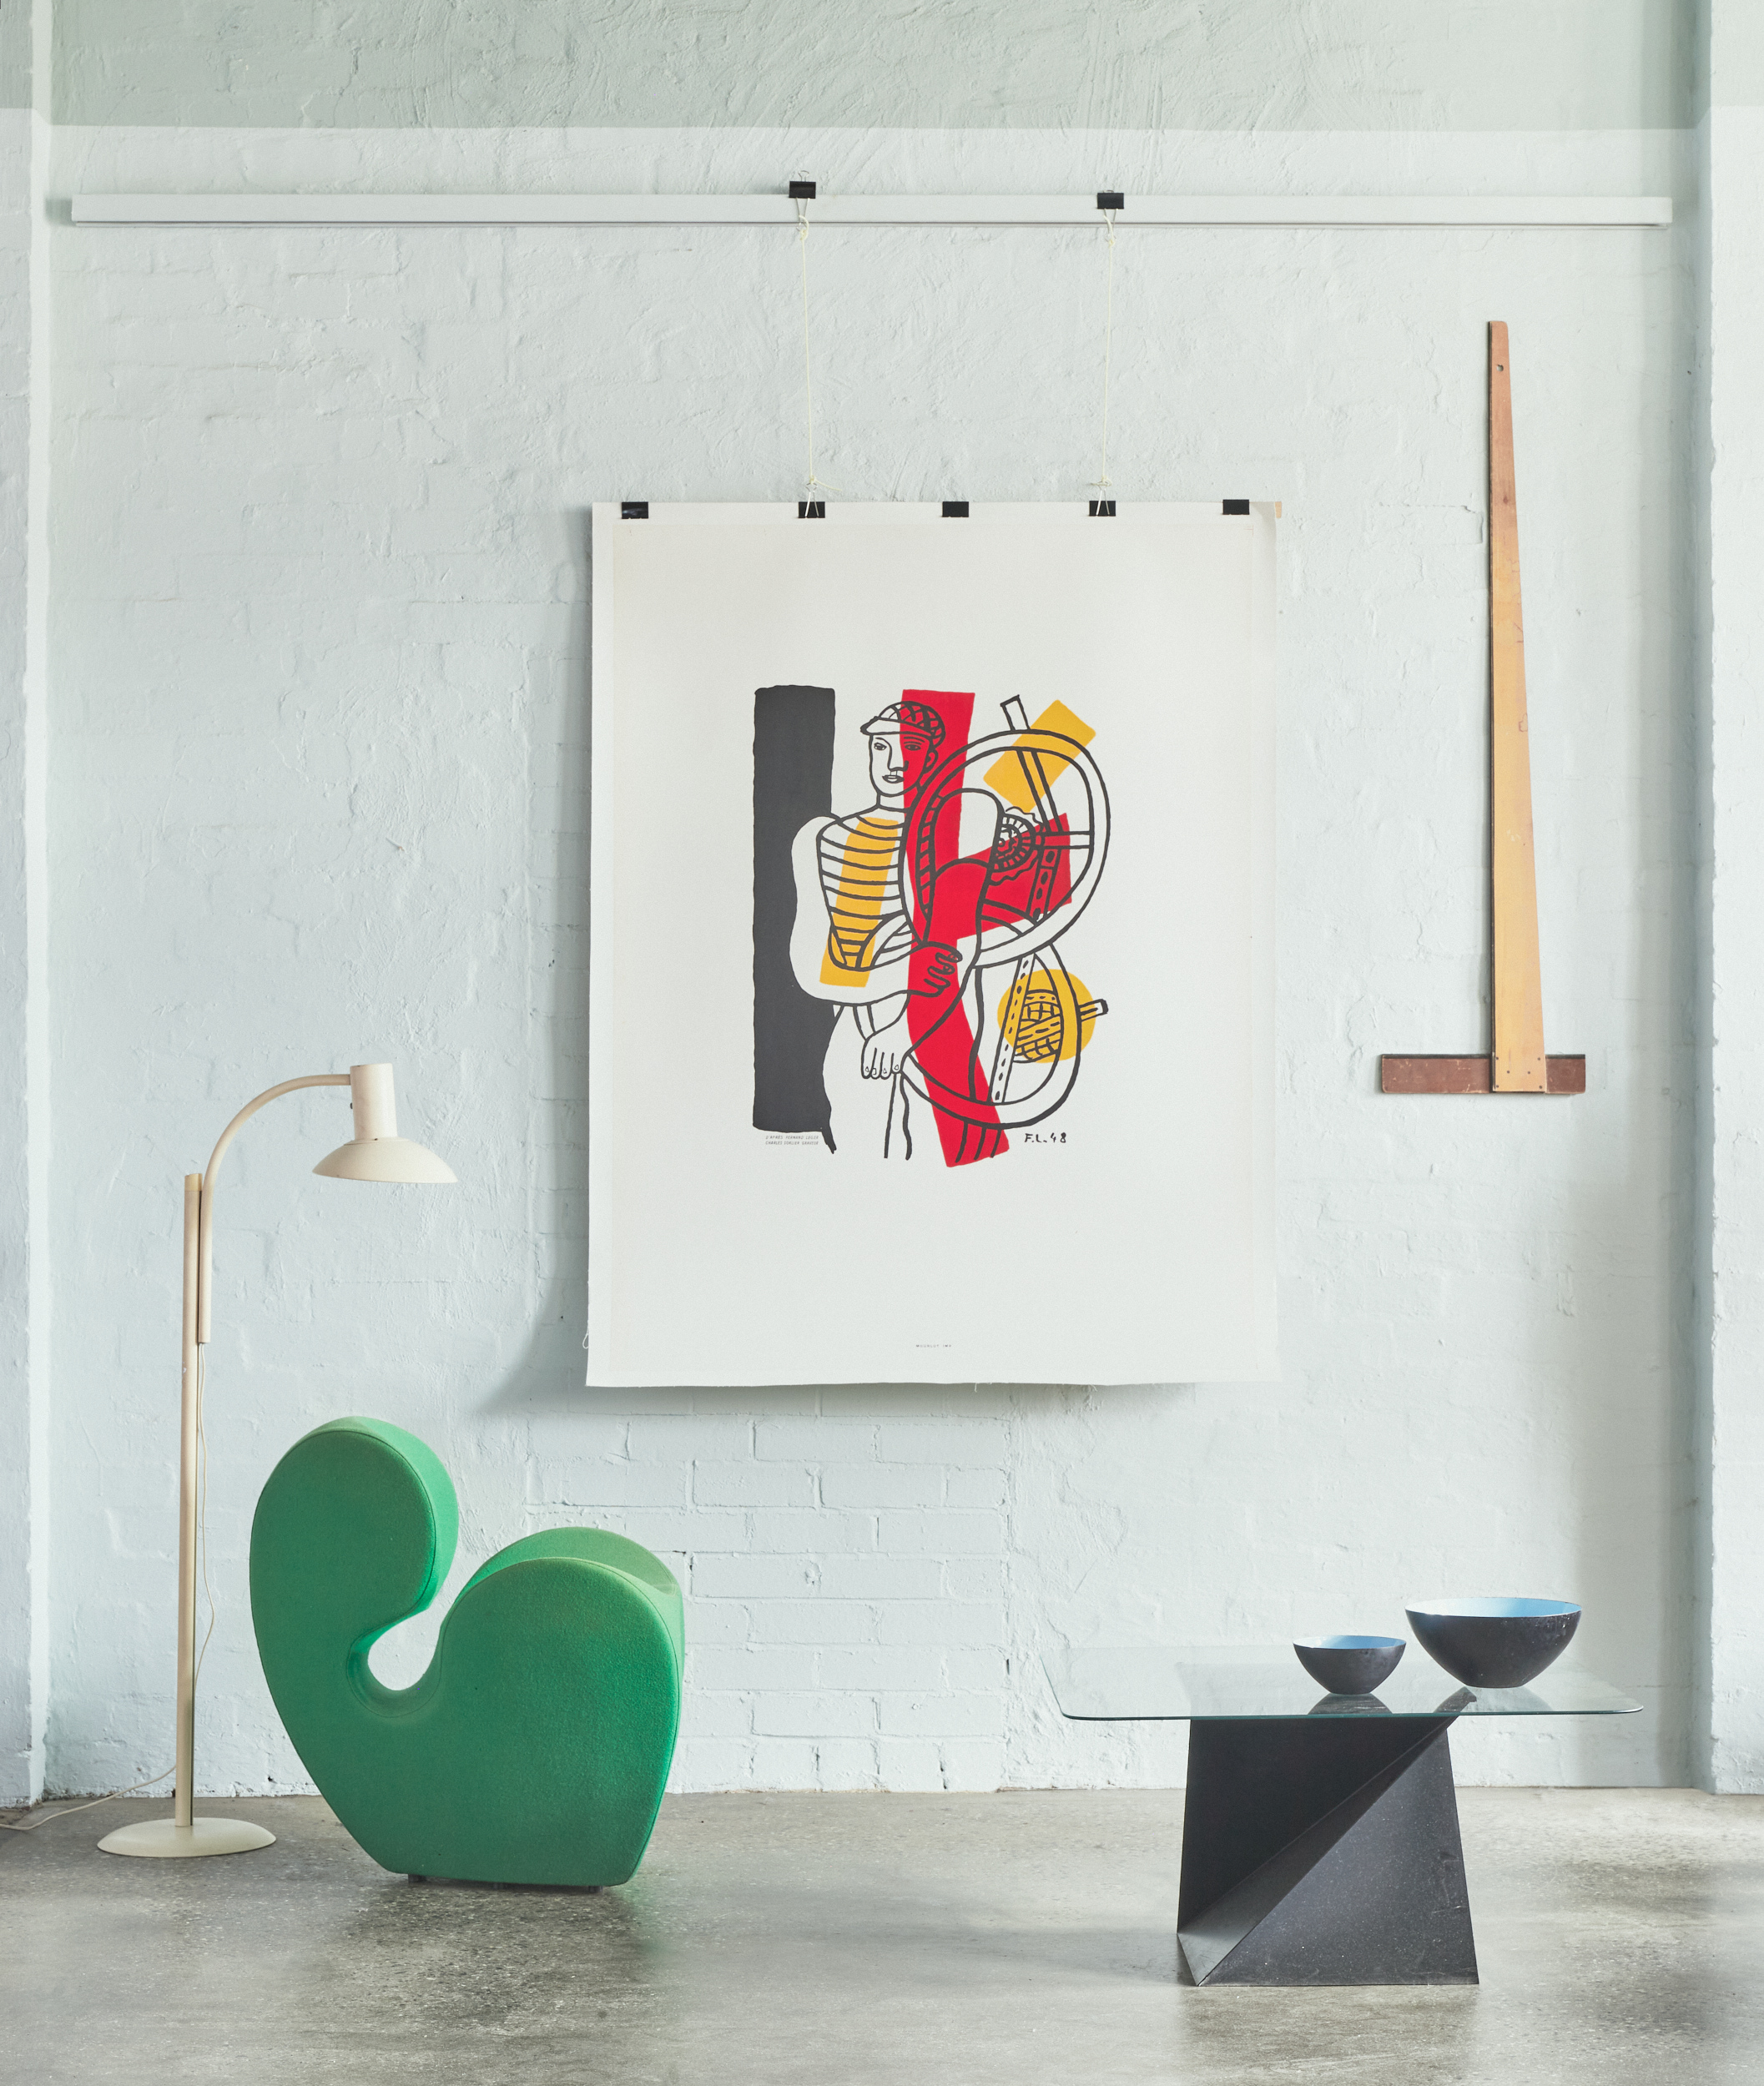 Nord modern vintage posters Letitia Morris gallery